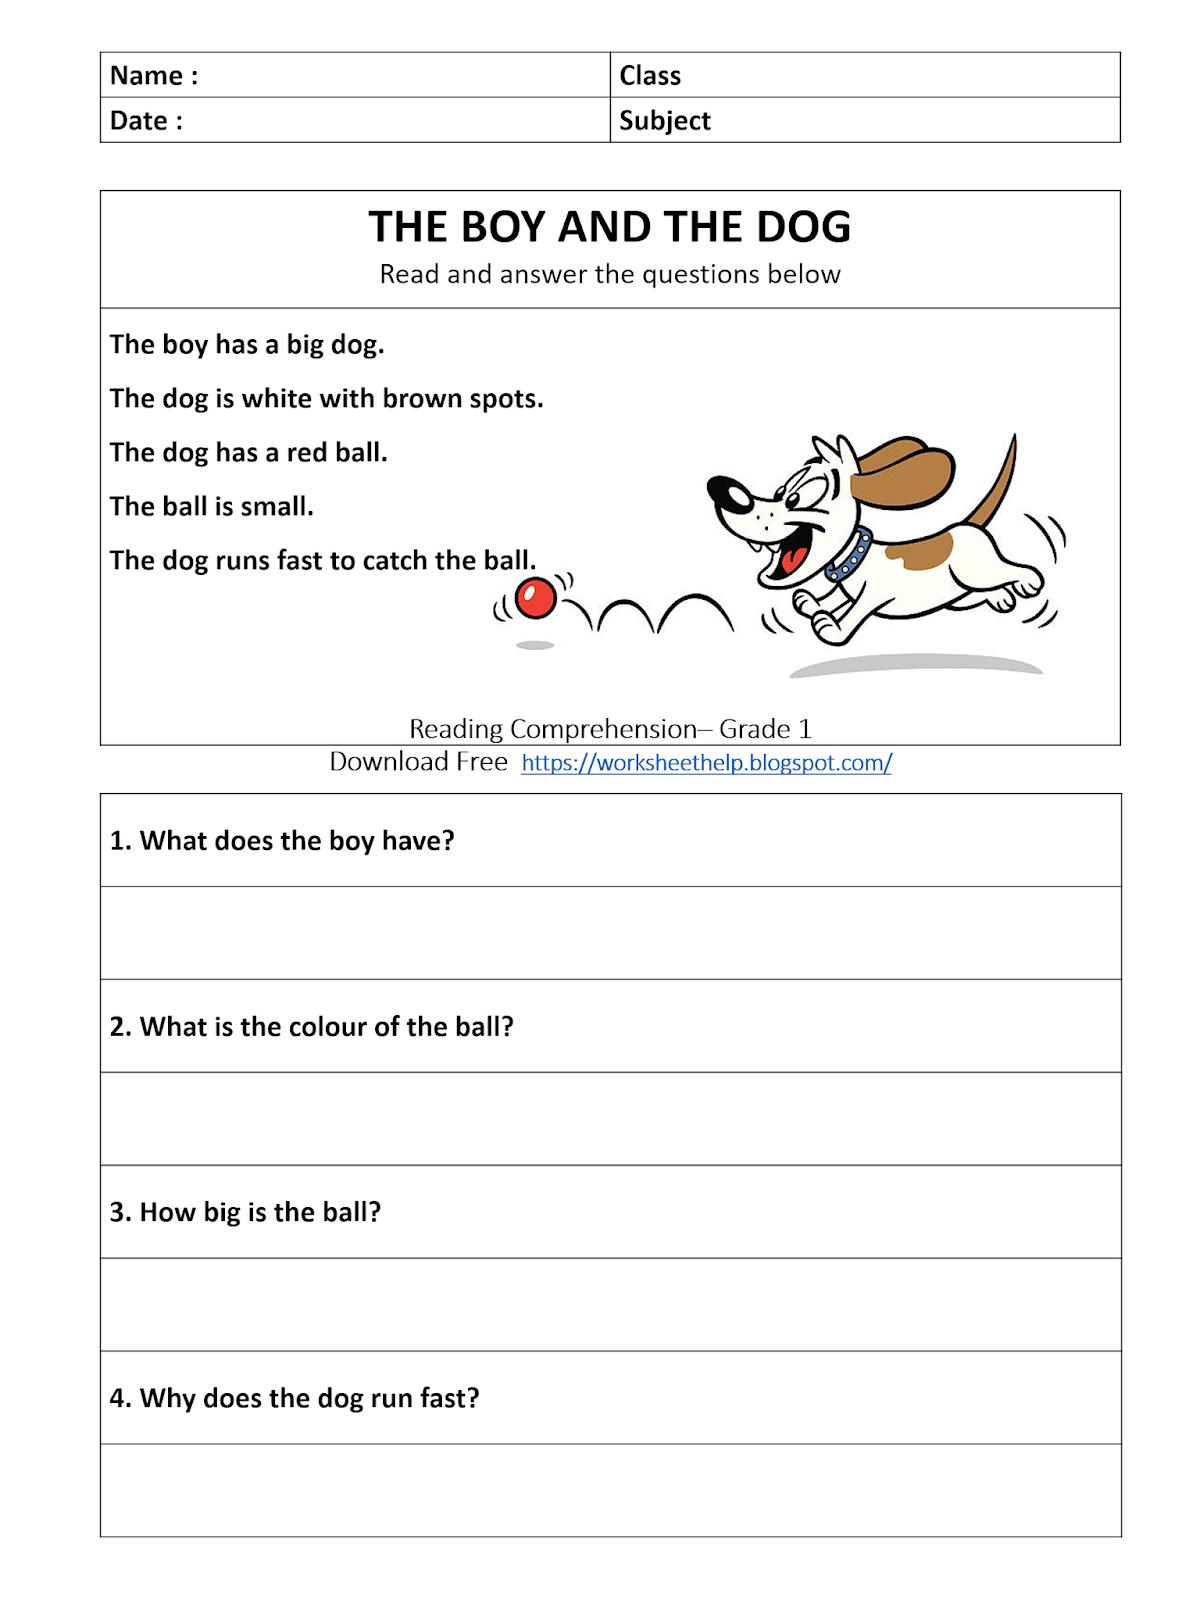 Reading Comprehension Worksheet Grade 1